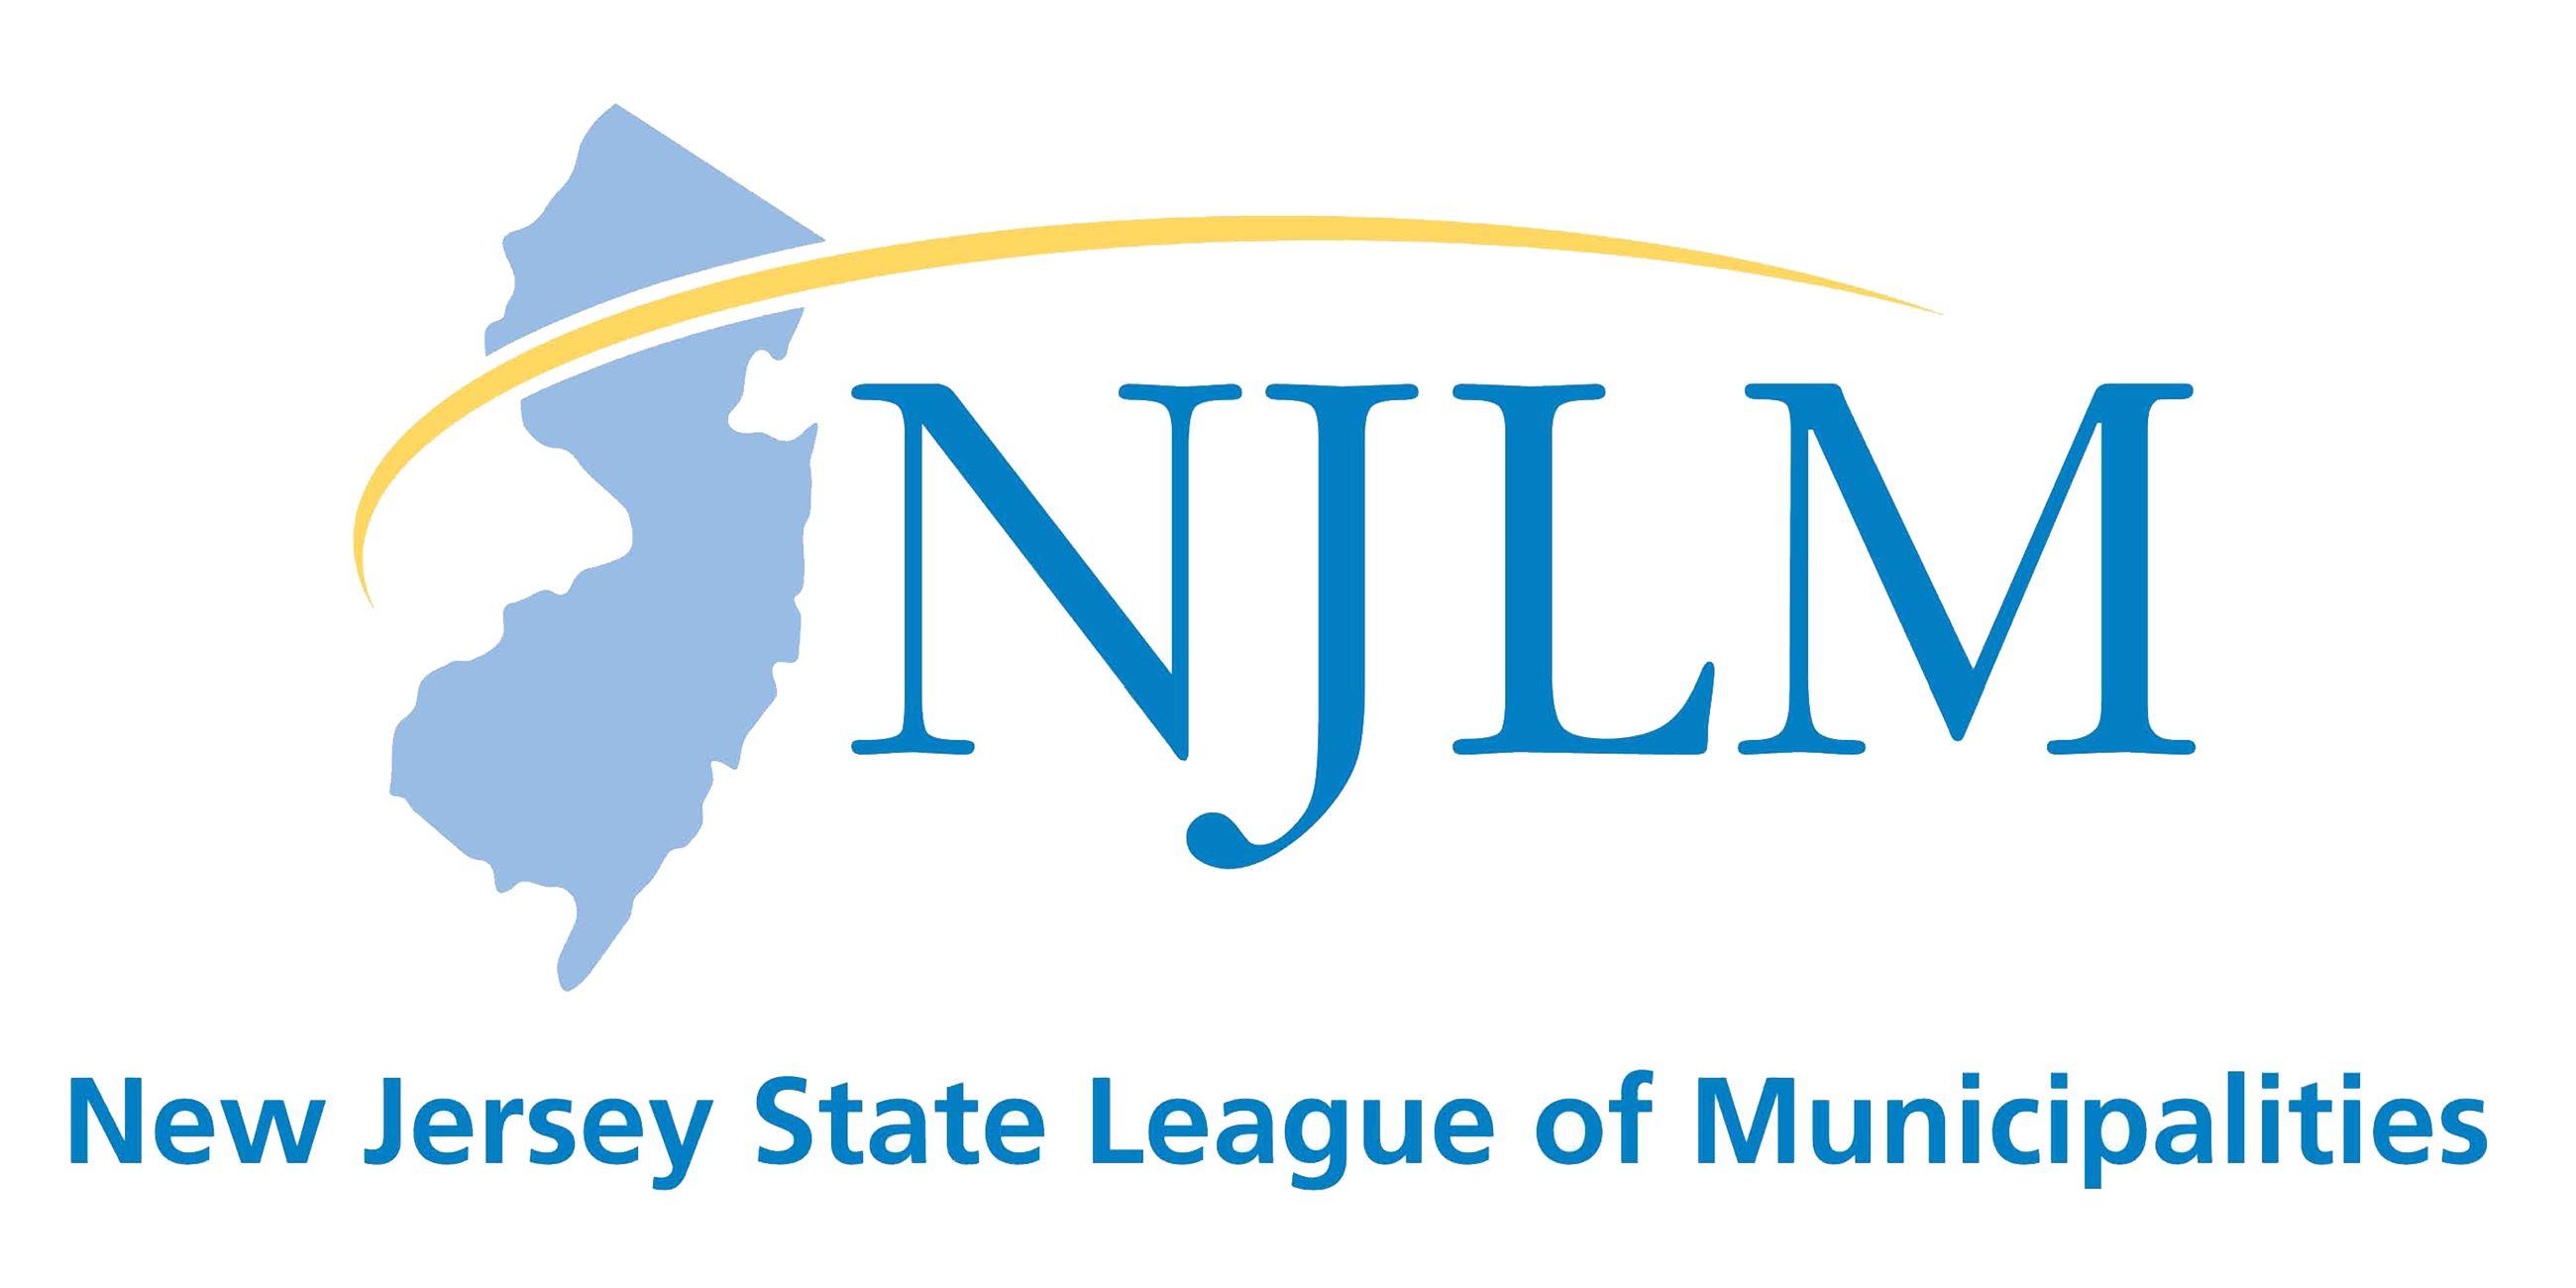 New Jersey League Of Municipalities Official Website